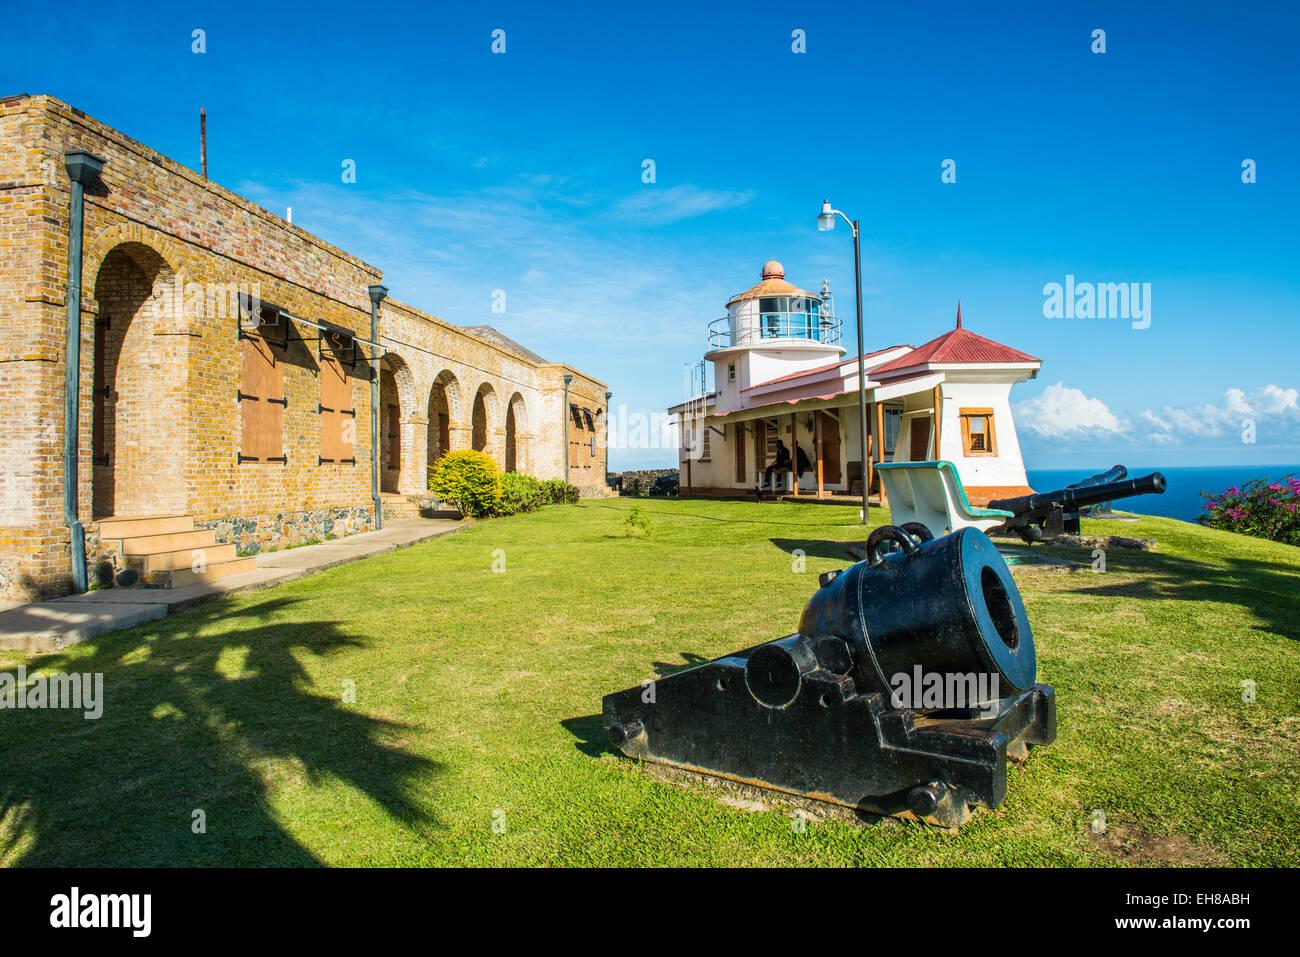 Fort King George, Scarborough, Tobago, Trinité-et-Tobago, Antilles, Caraïbes, Amérique Centrale Banque D'Images